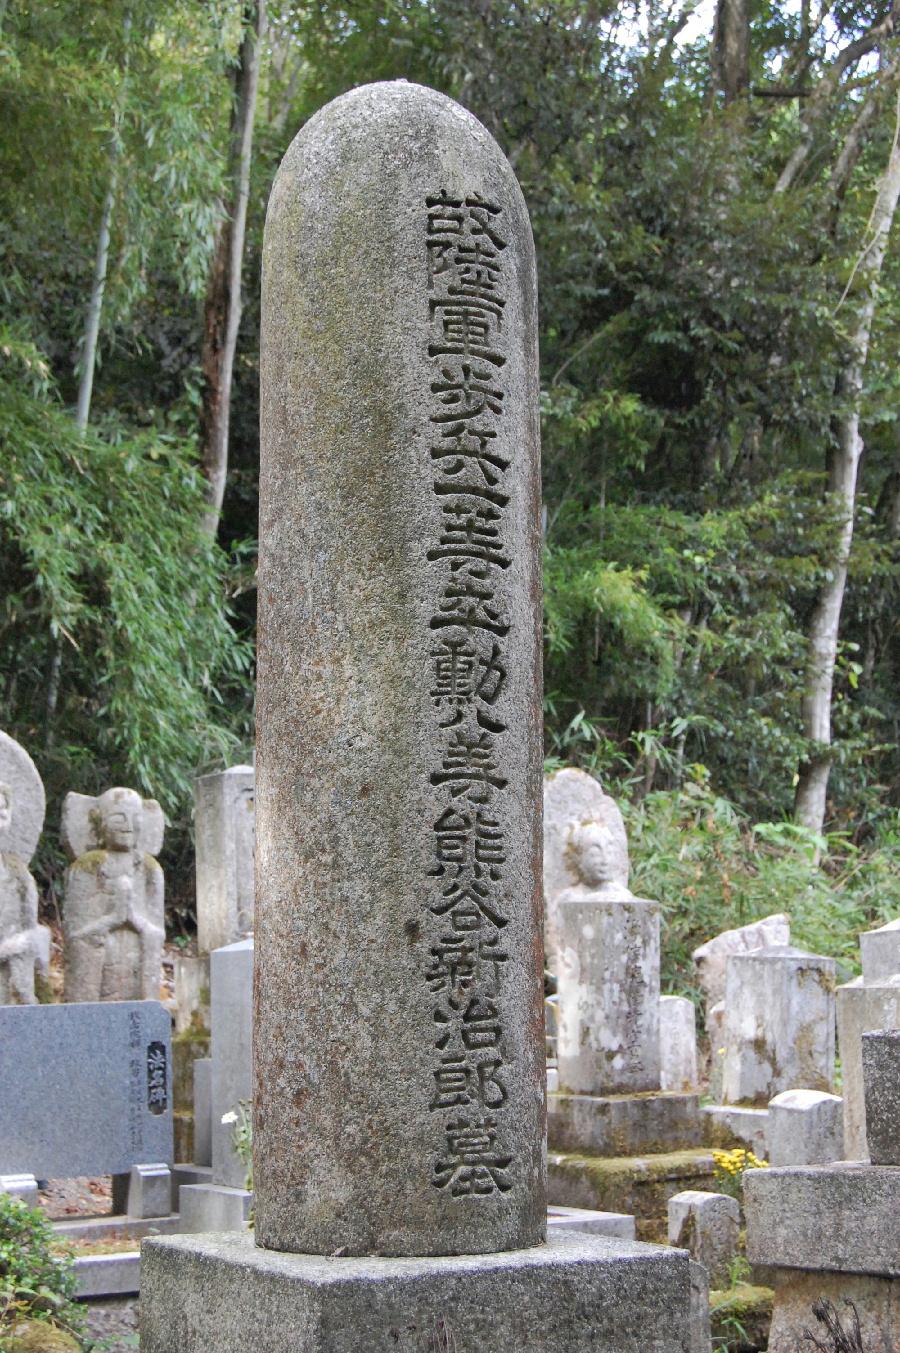 故陸軍歩兵一等卒勲八等熊谷新治郎墓」@田中共同墓地